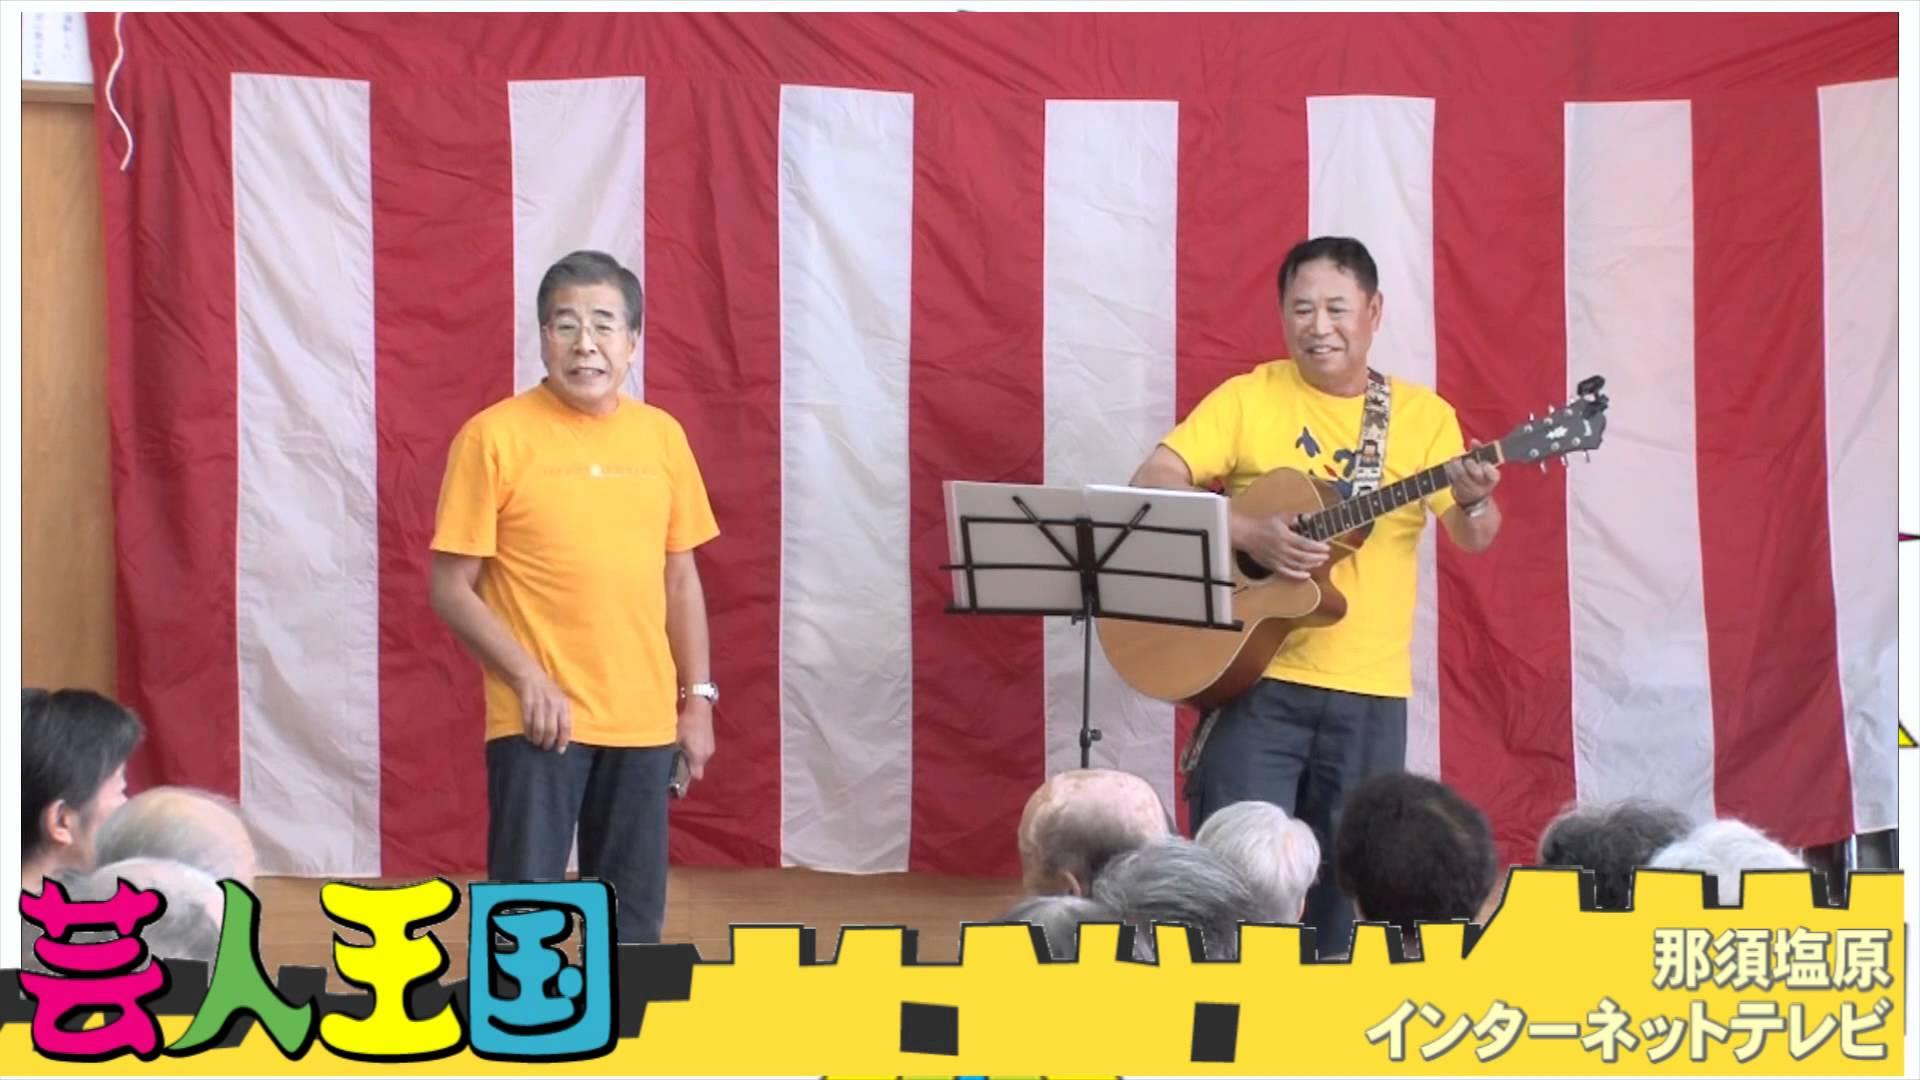 芸人王国!しげちゃんの人生を変える決心を音楽にのせて~